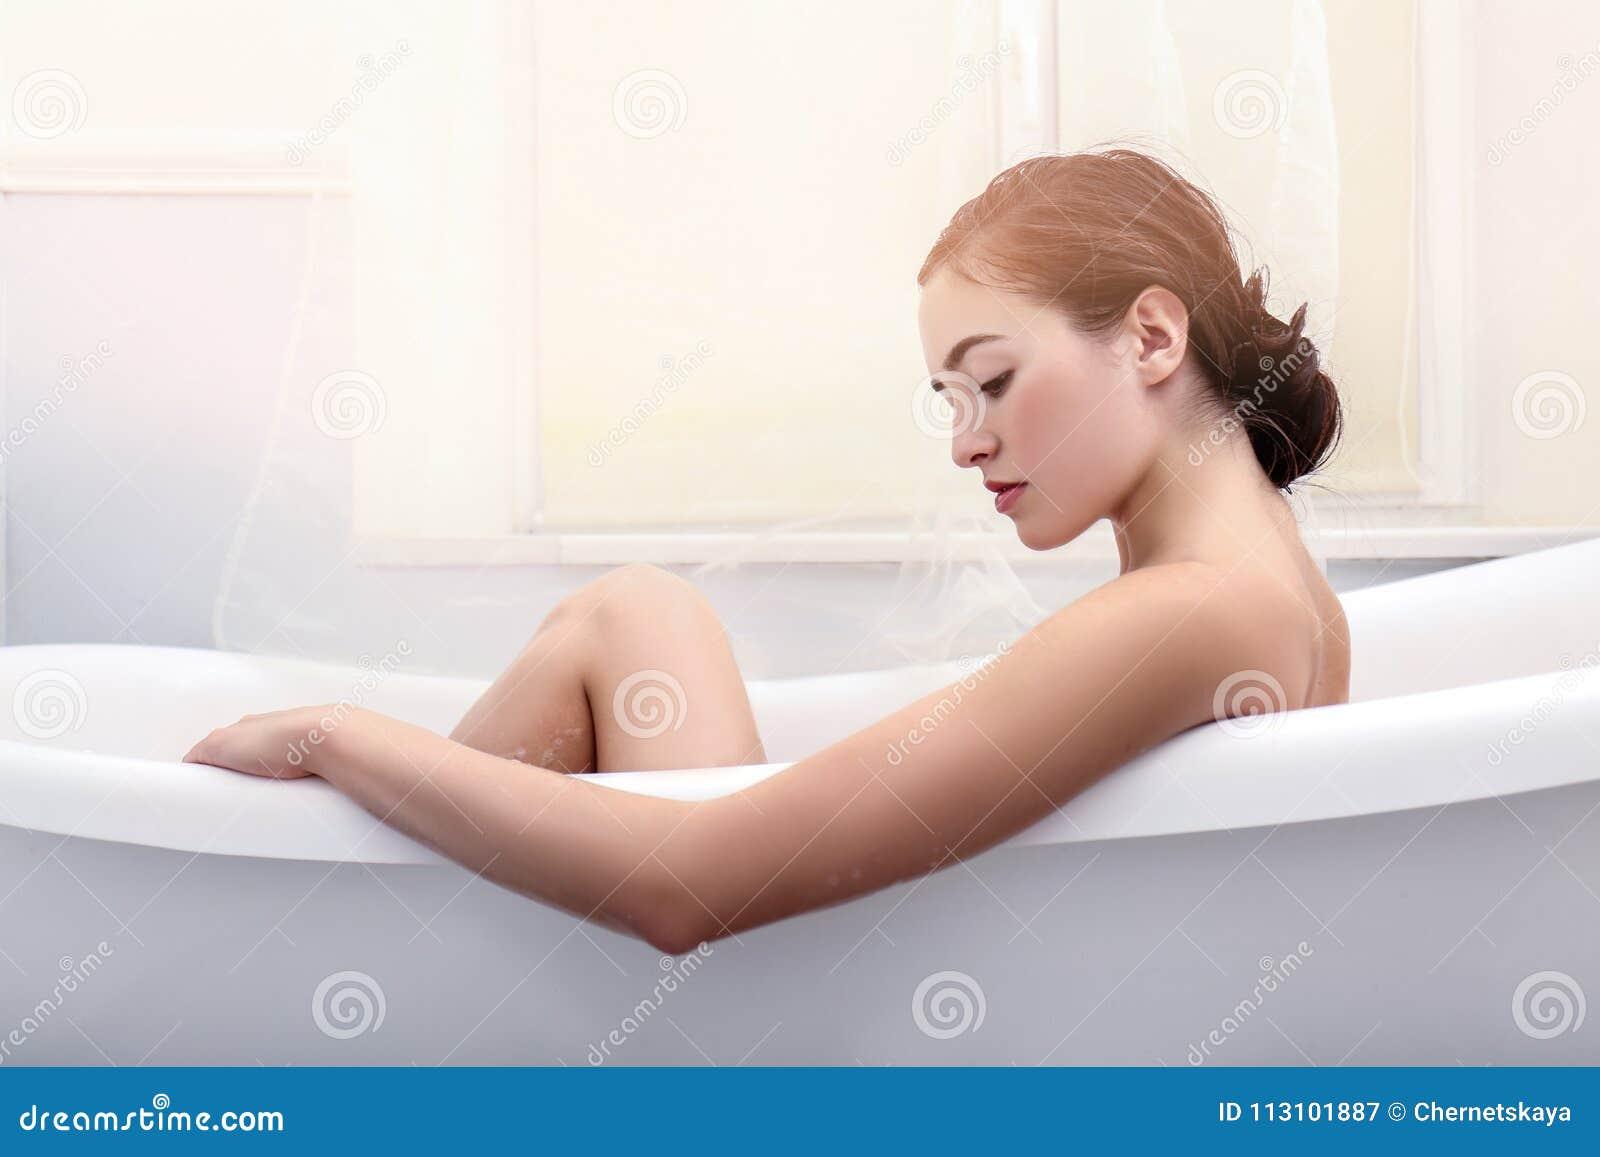 Young beautiful woman relaxing bath